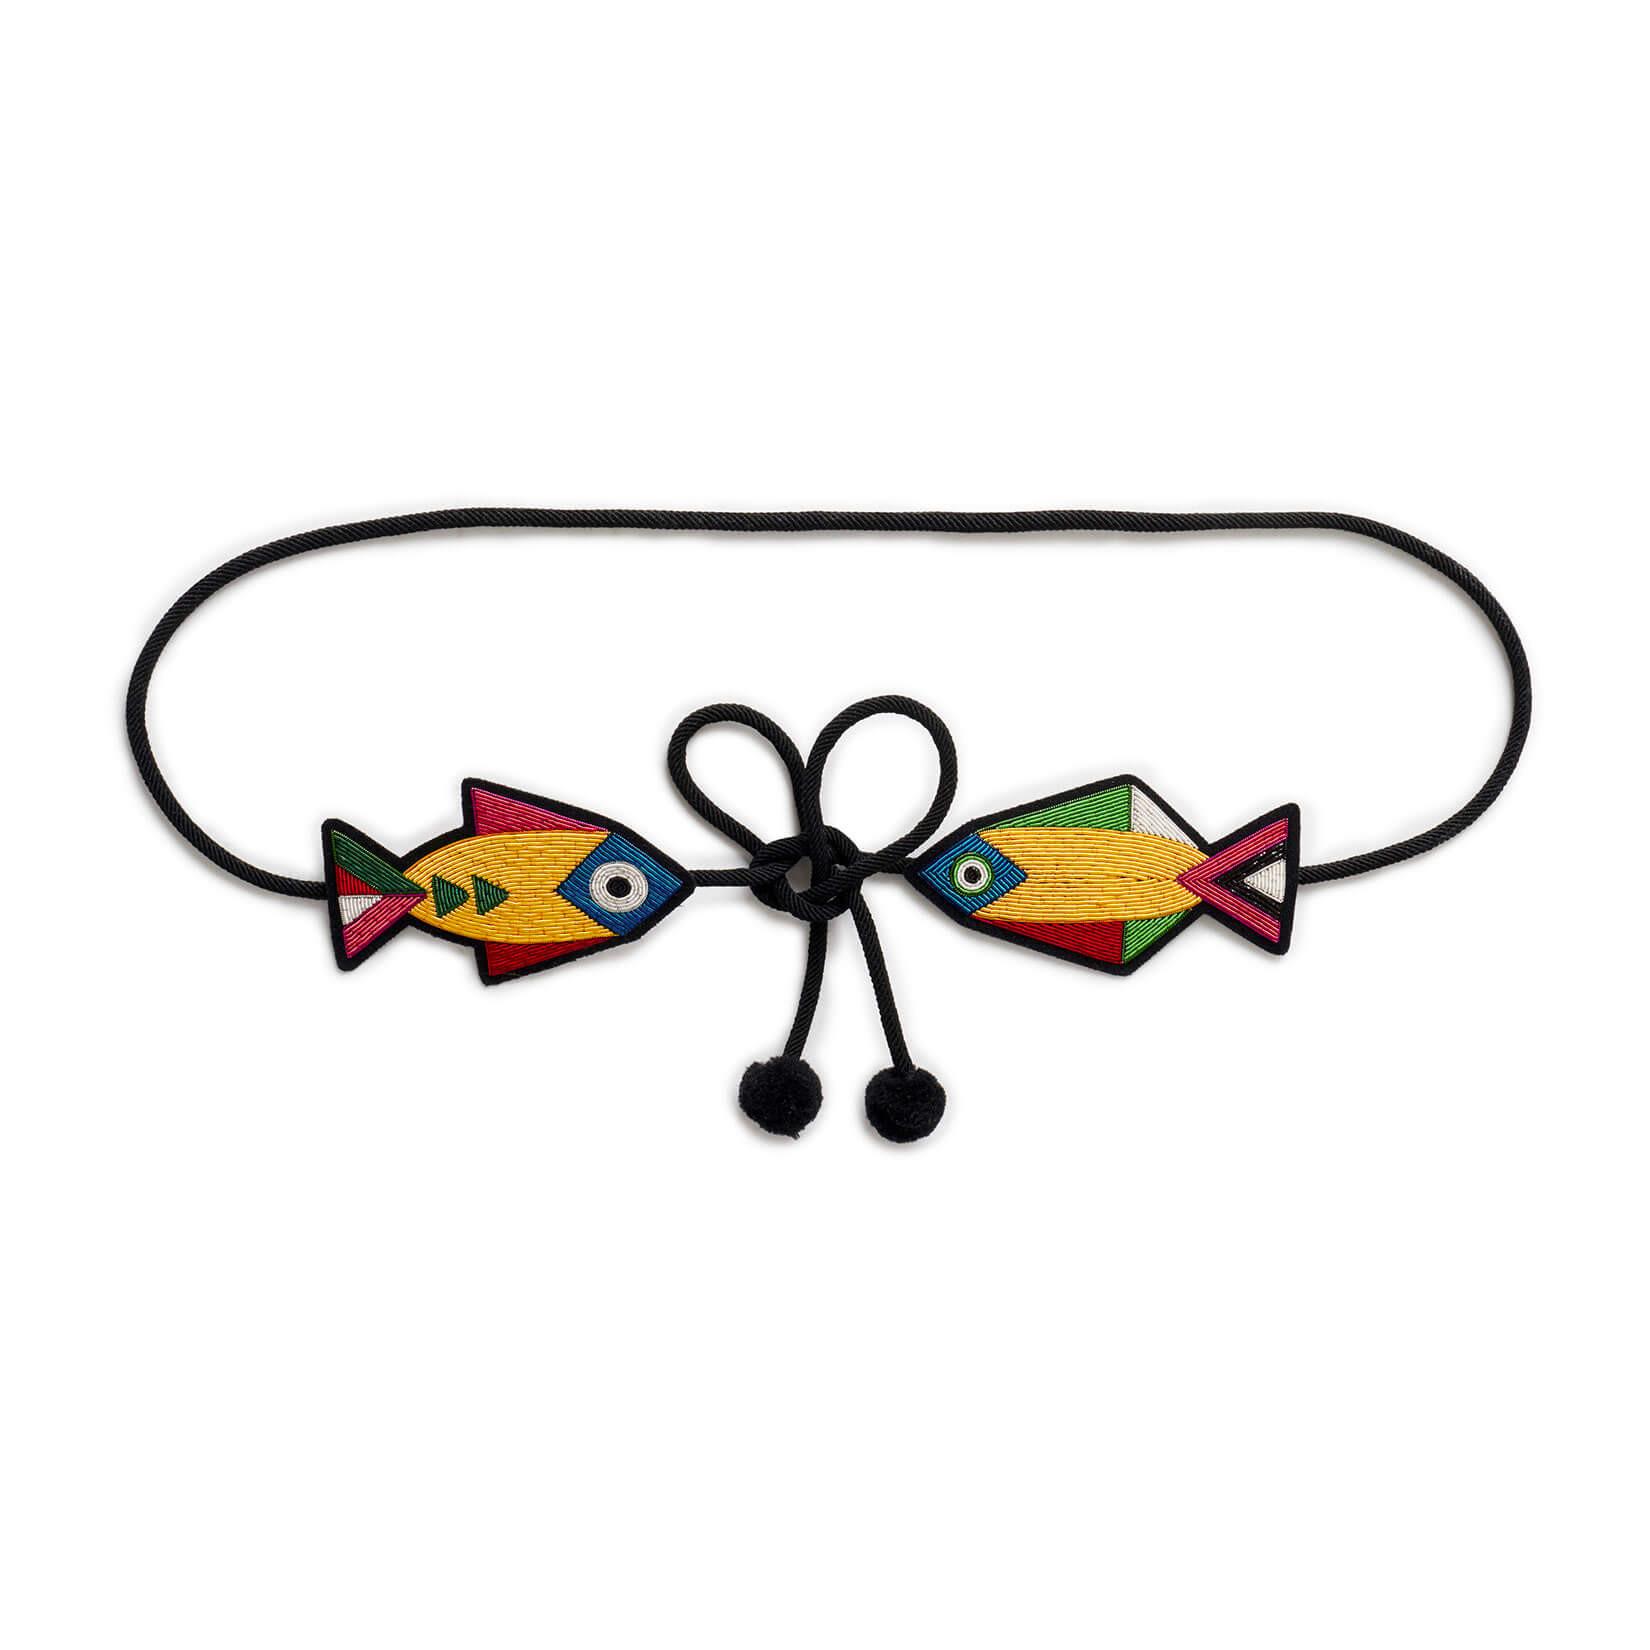 印度丝徽章手工刺绣天堂鱼腰带,精美彰显您的腰部,黑色小礼服配饰。